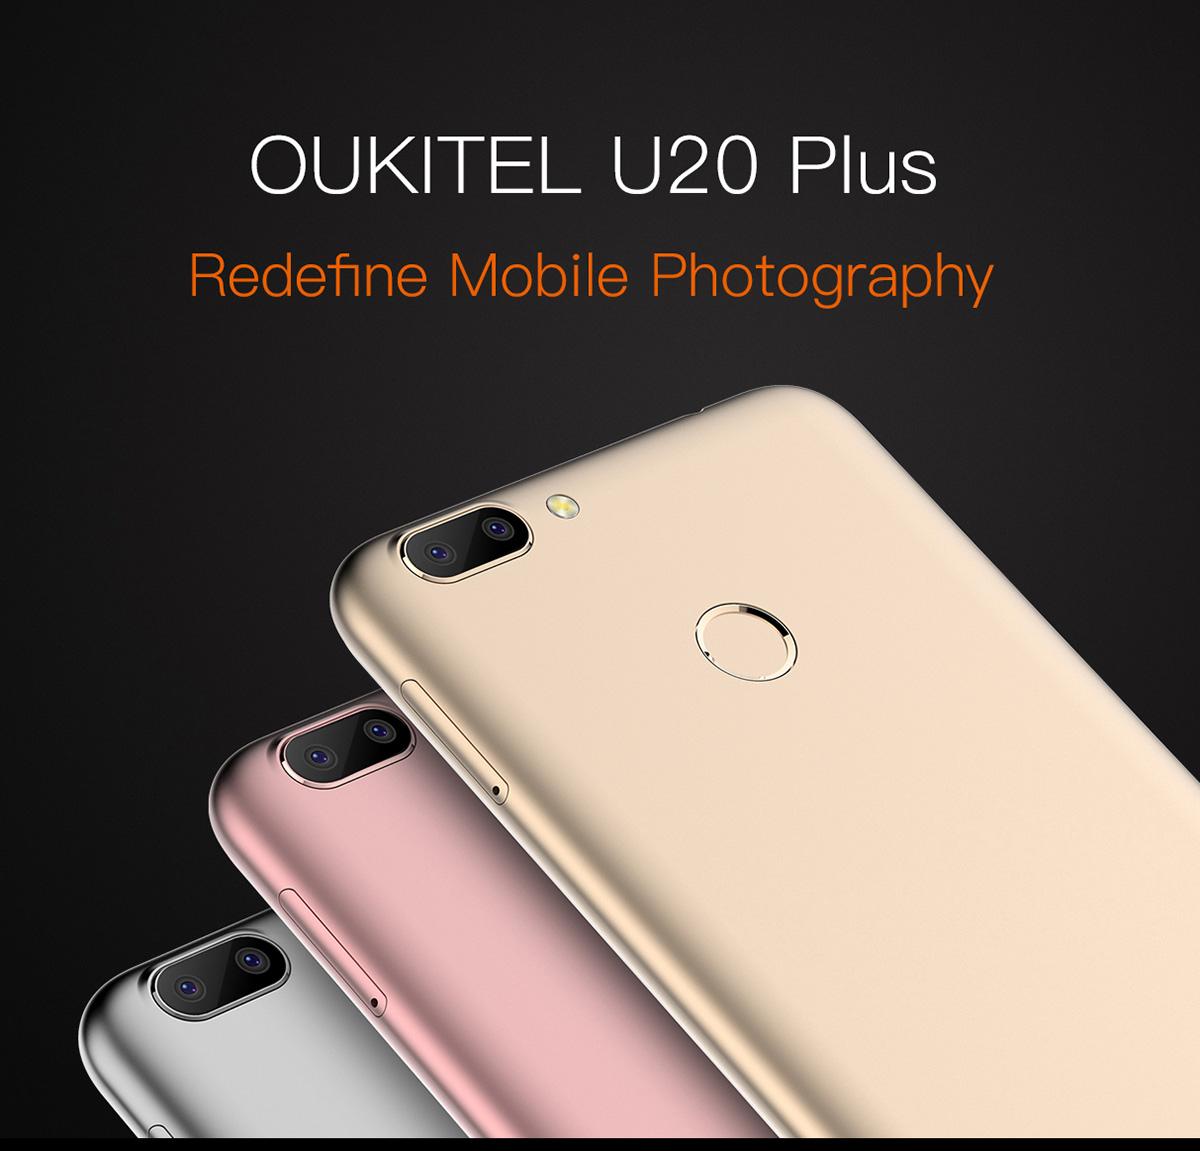 Oukitel U20 Plus Dual-Kamera, LTE mit band 20, 5,5 Zoll (Gearbest-China)